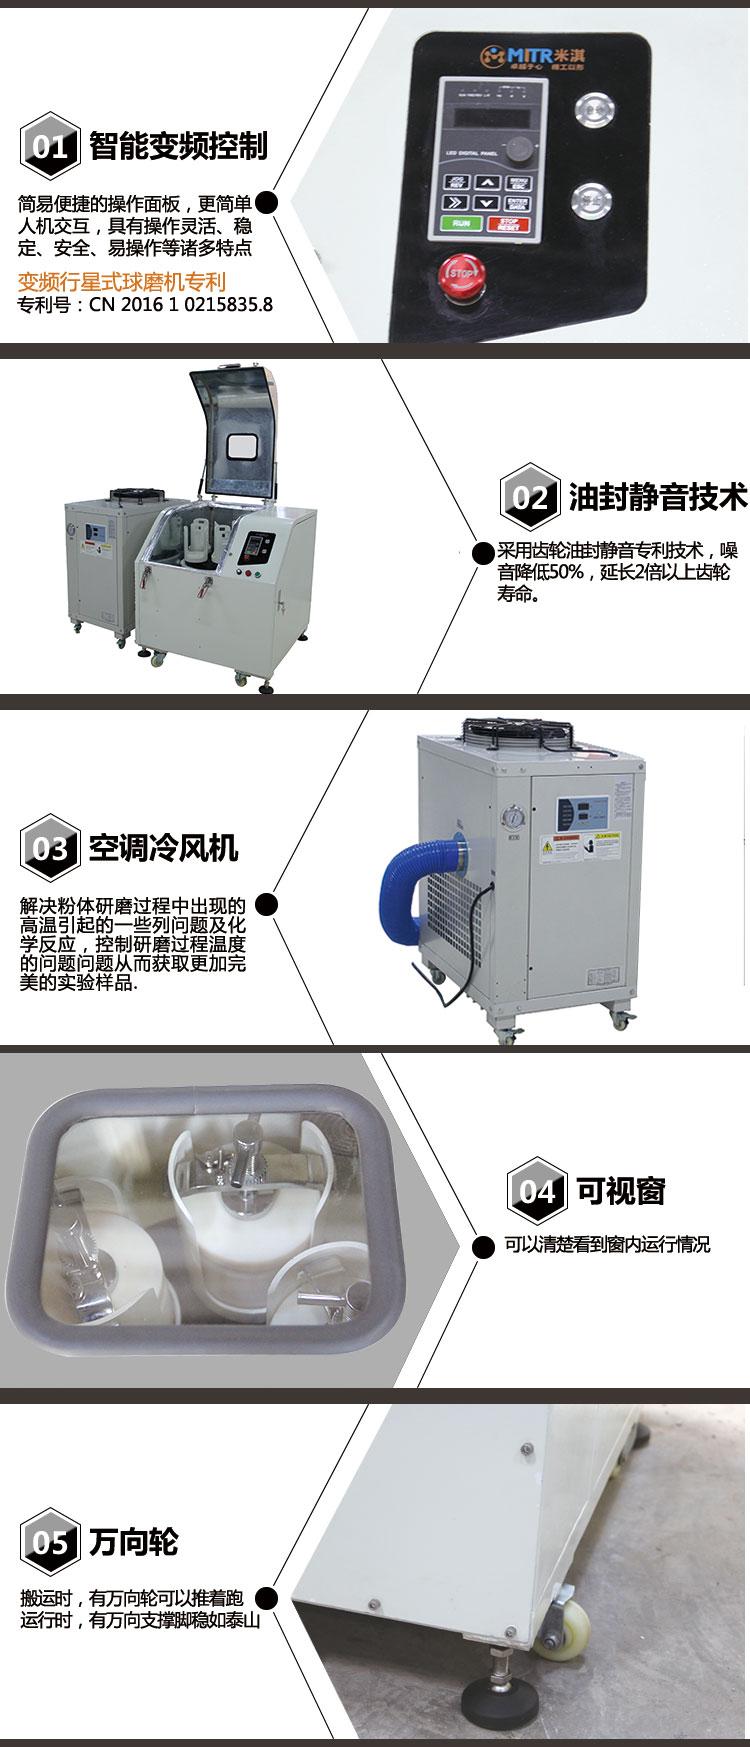 空调全方位球磨机 特点功能展示